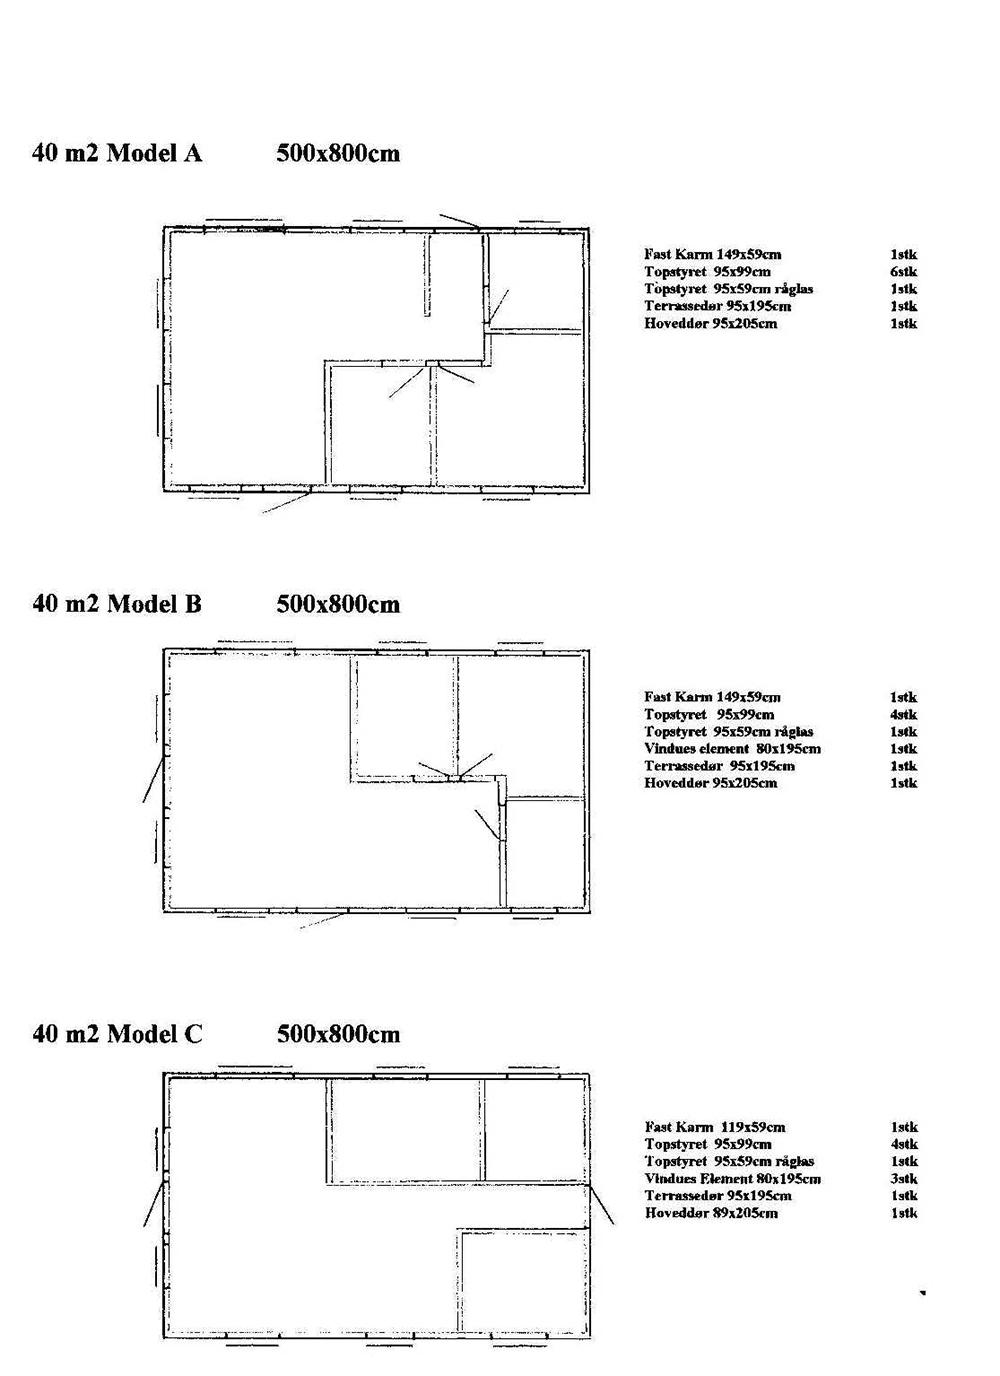 40m2specialsprodser-grundplan